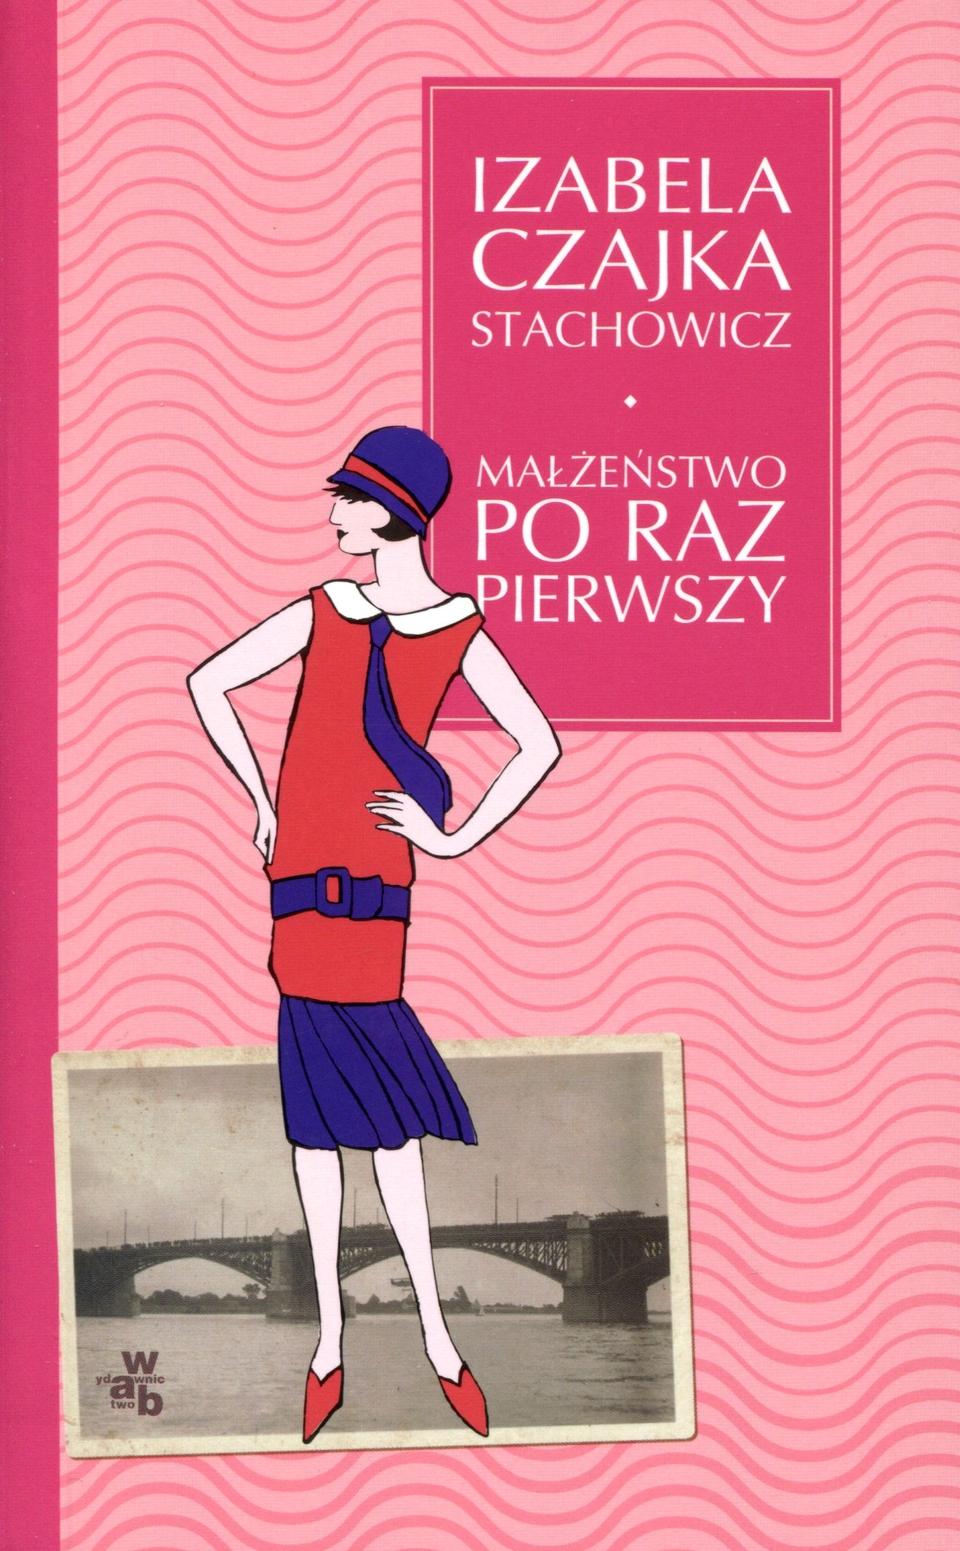 """Izabela Czajka-Stachowicz, """"Małżeństwo po raz pierwszy"""""""